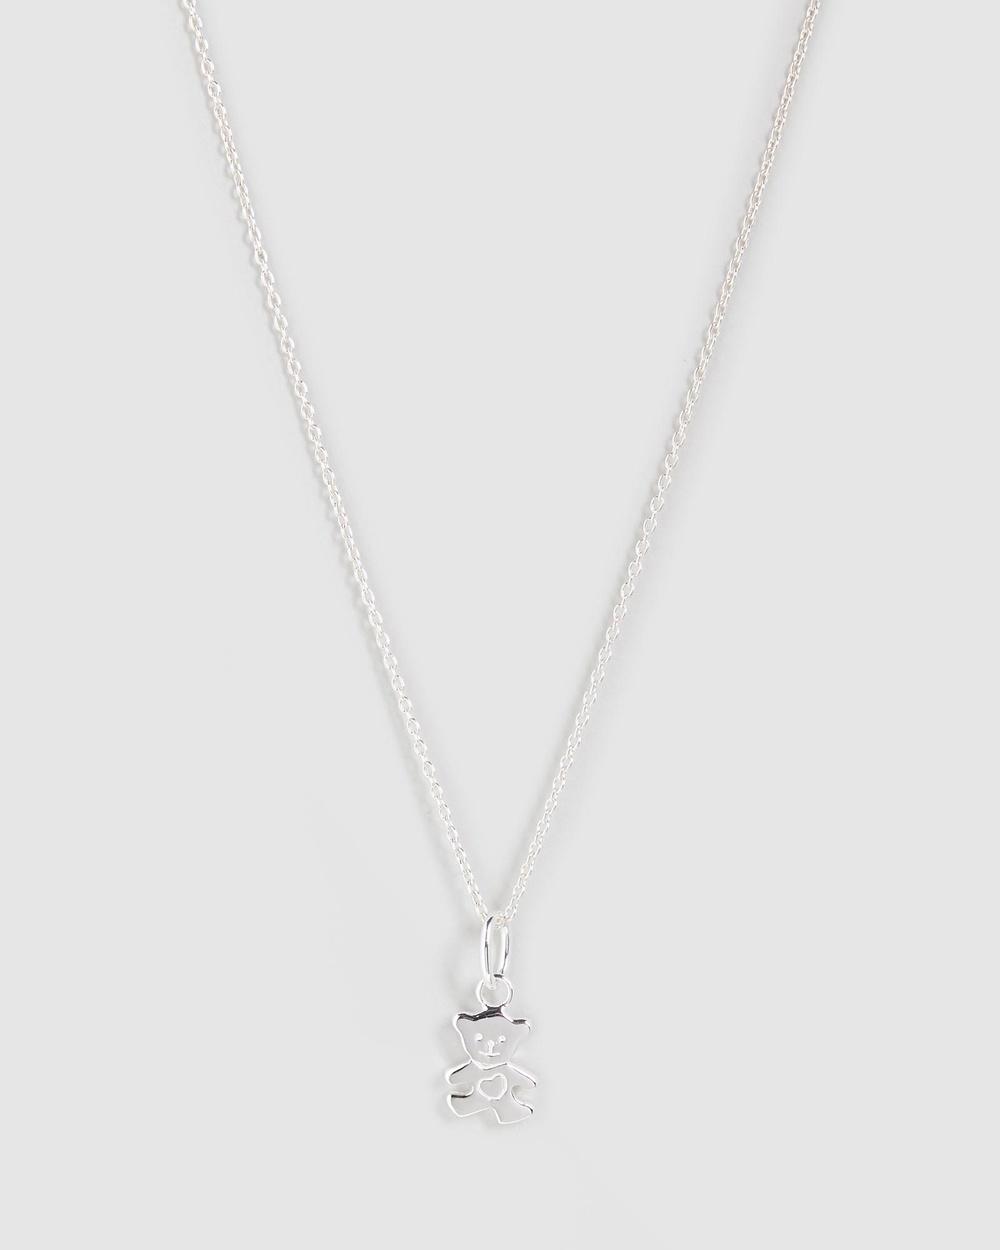 My Little Silver Teddy Bear Pendant & Necklace Kids Jewellery Sterling Silver